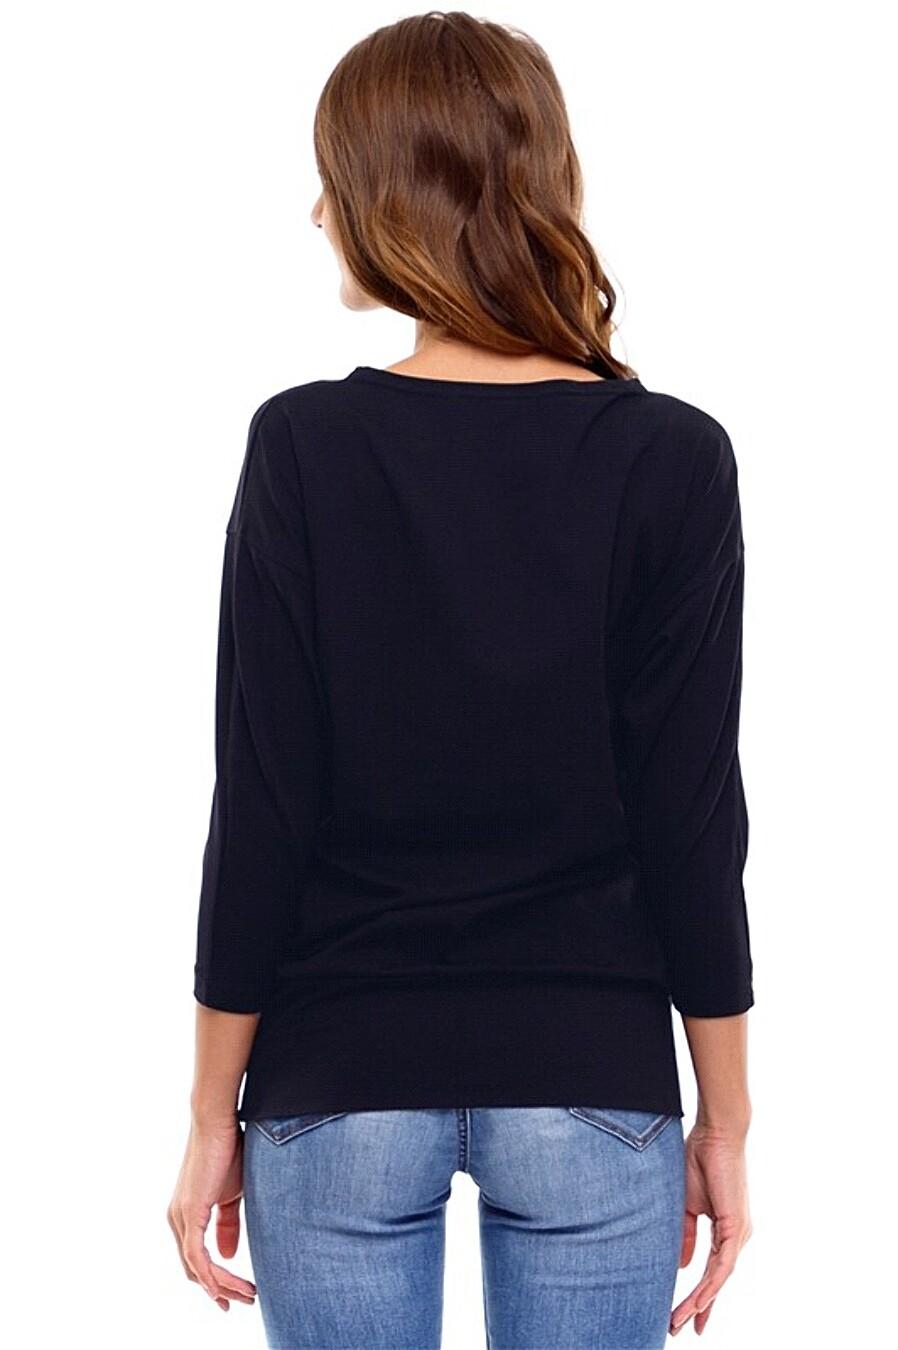 Лонгслив для женщин АПРЕЛЬ 649090 купить оптом от производителя. Совместная покупка женской одежды в OptMoyo